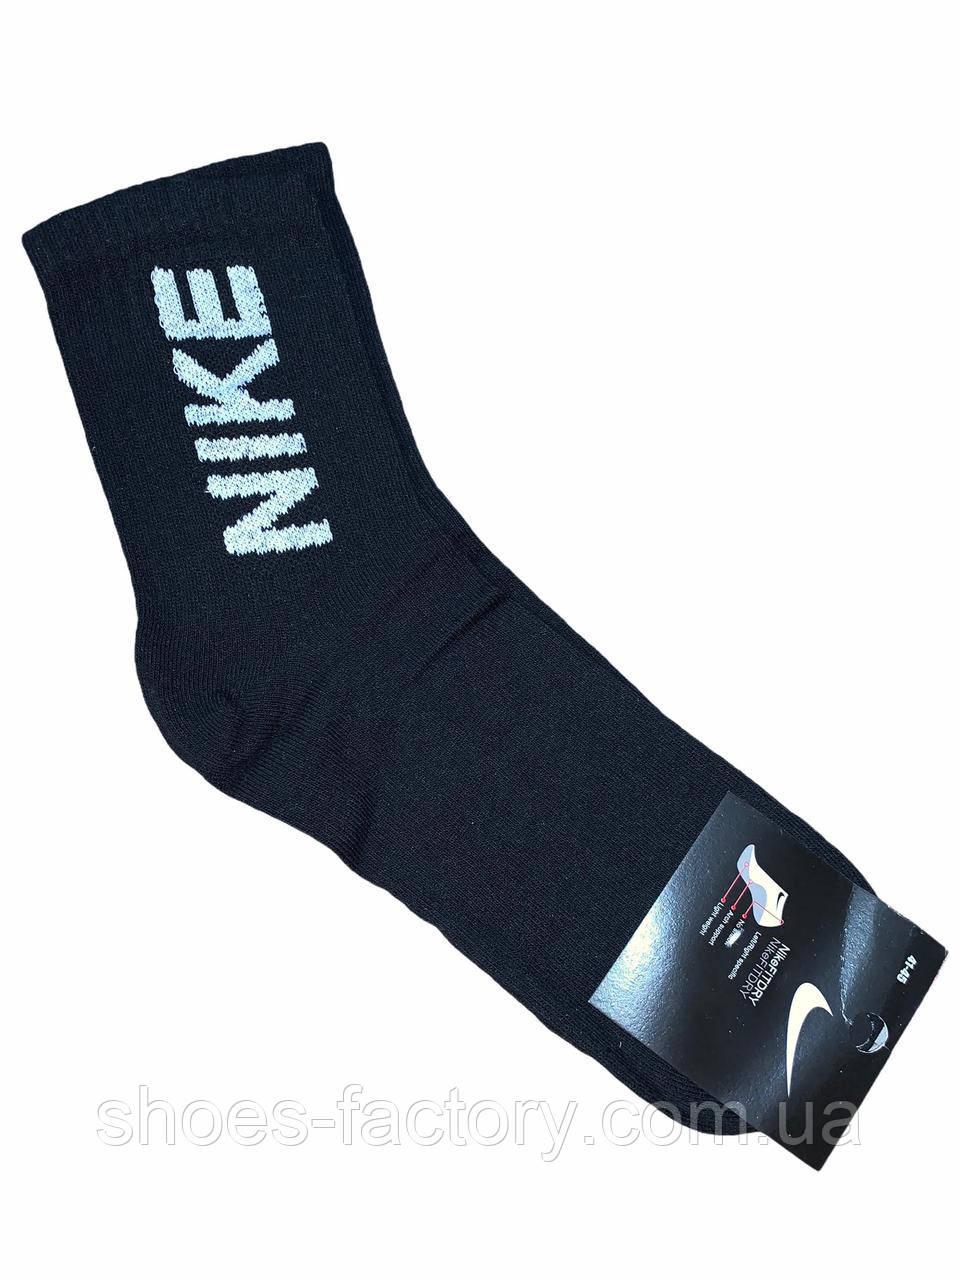 Мужские высокие носки Nike, Black